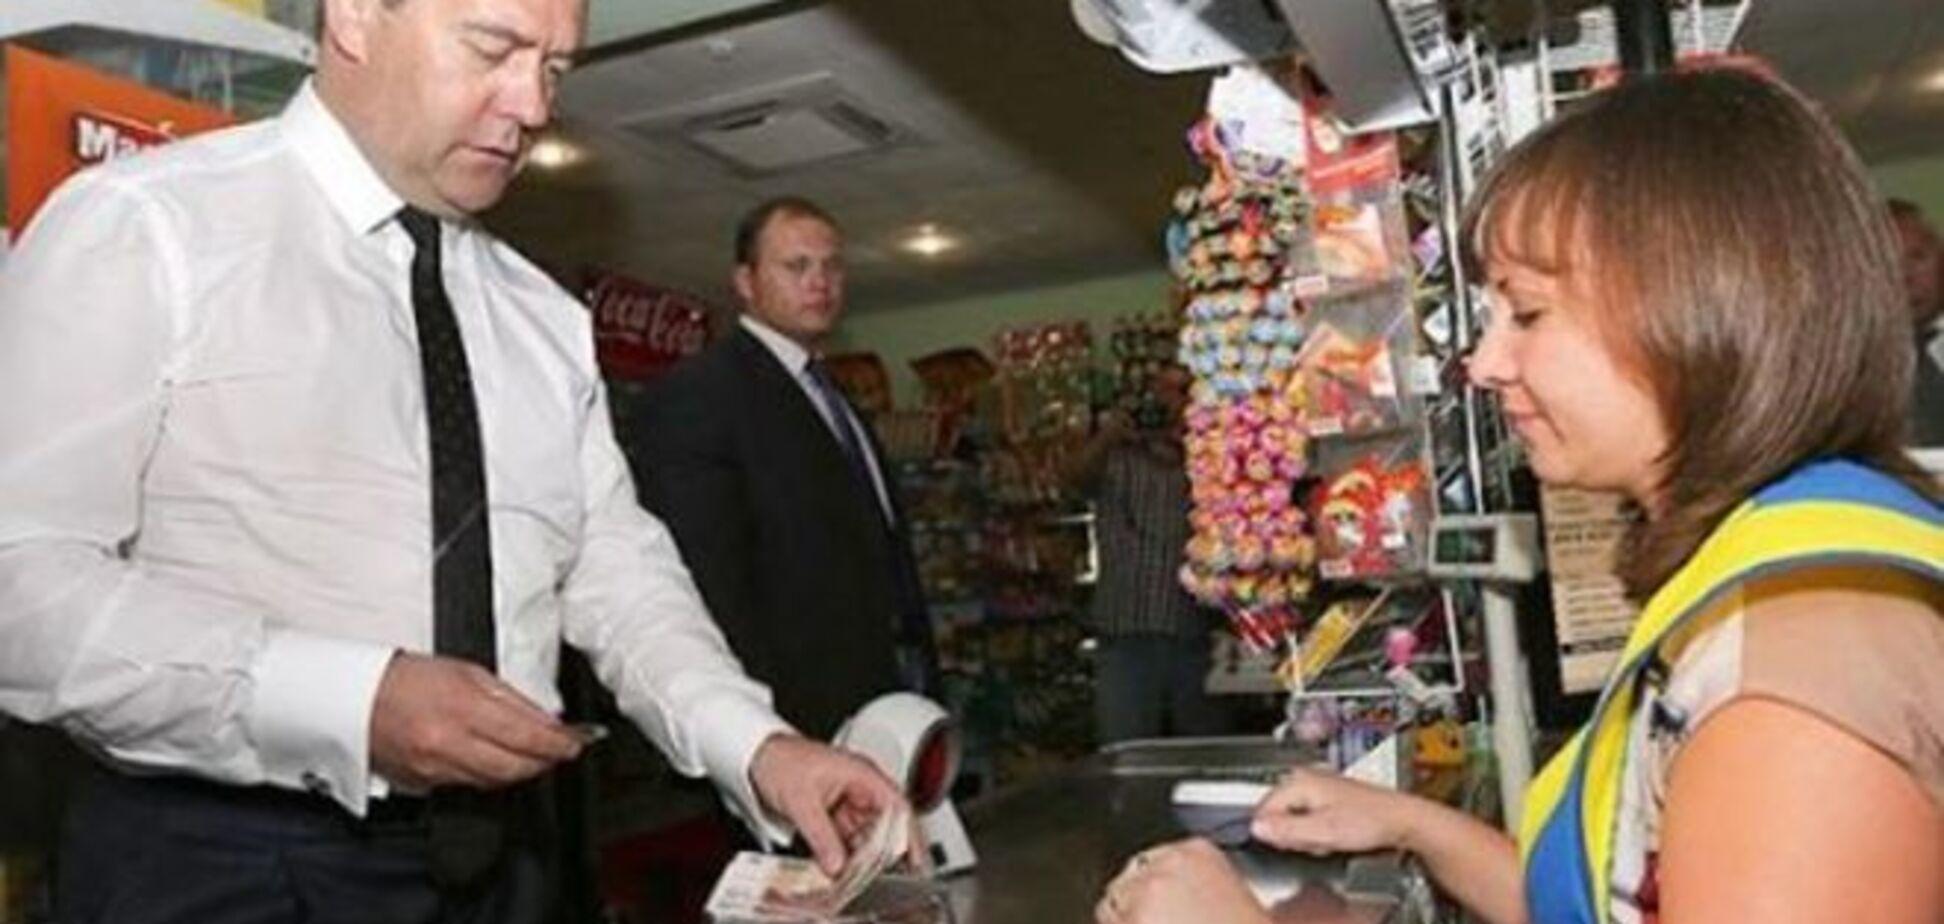 Медведев неудачно повторил за Яценюком поход за продуктами